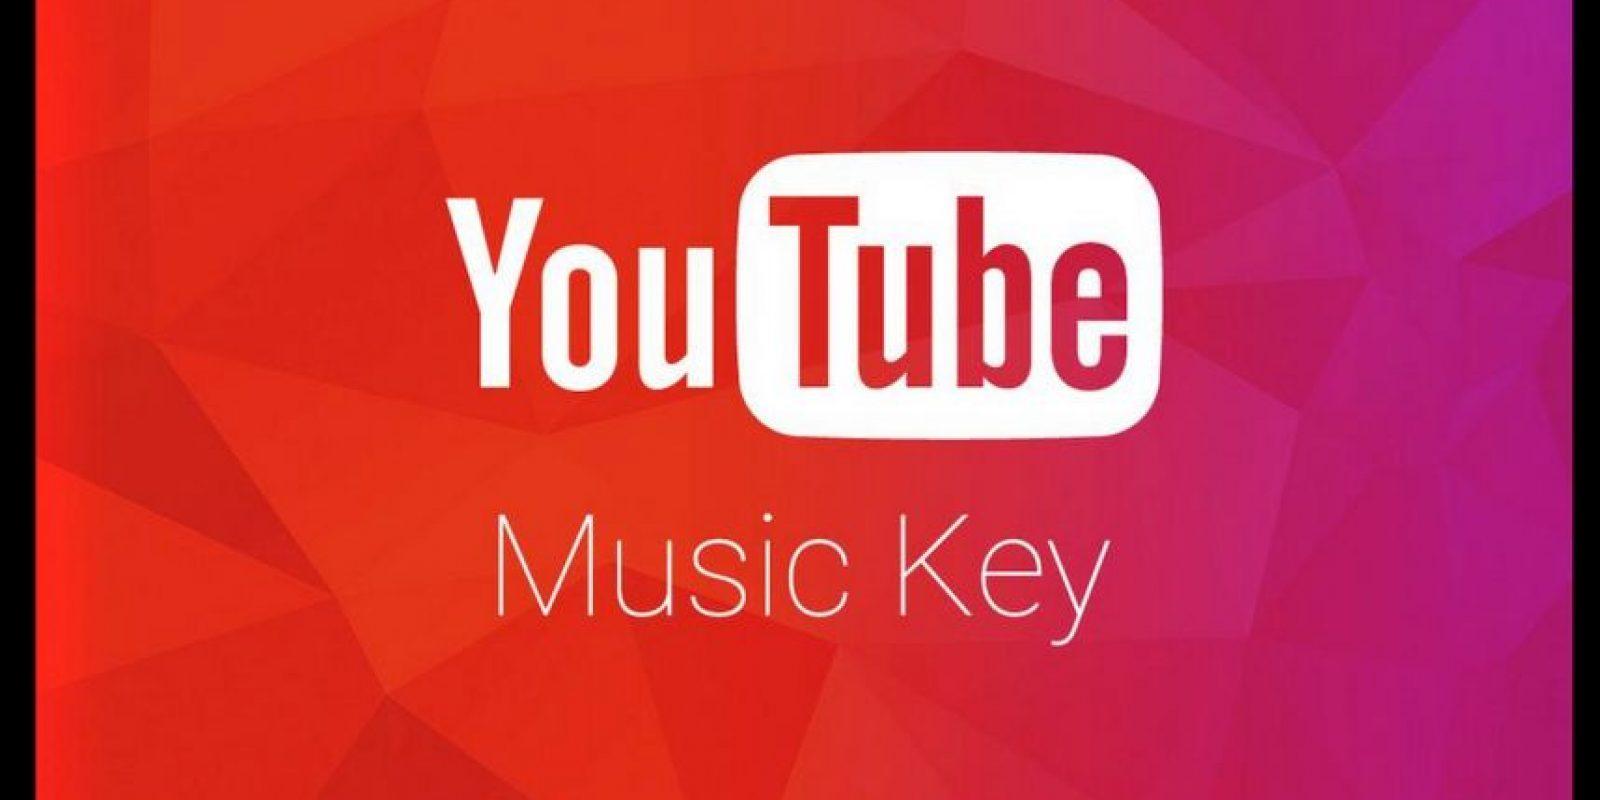 YouTube Key Beta tiene cinco meses desde su lanzamiento y los usuarios respondieron de muy buena manera. Sobre todo por la eliminación de comerciales en los videos. Foto:twitter.com/NewRockstars/